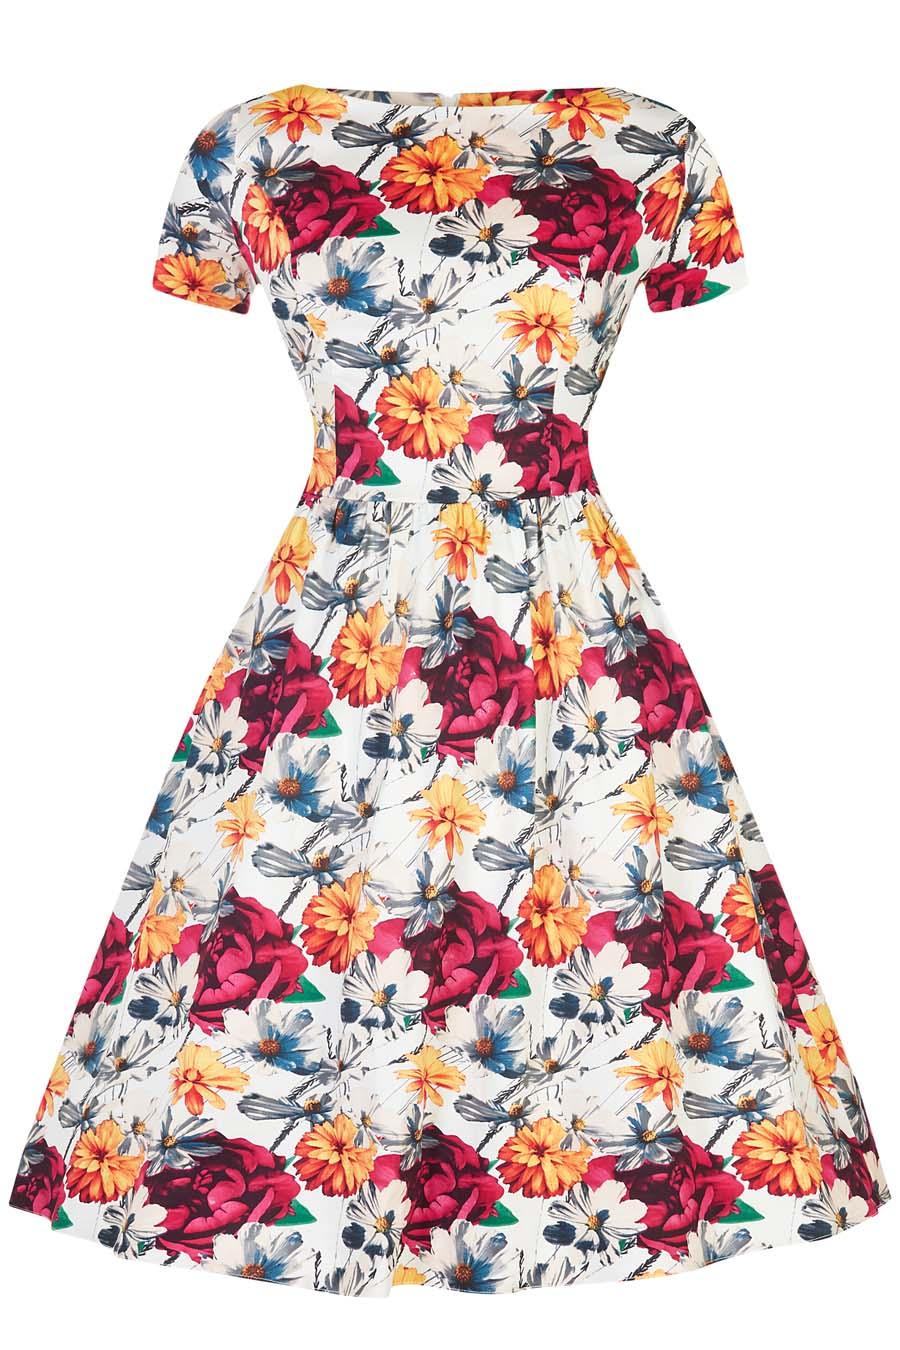 bb26d6537241 Lady Vintage Eloise Kvetinové Šaty - JoyStore.sk